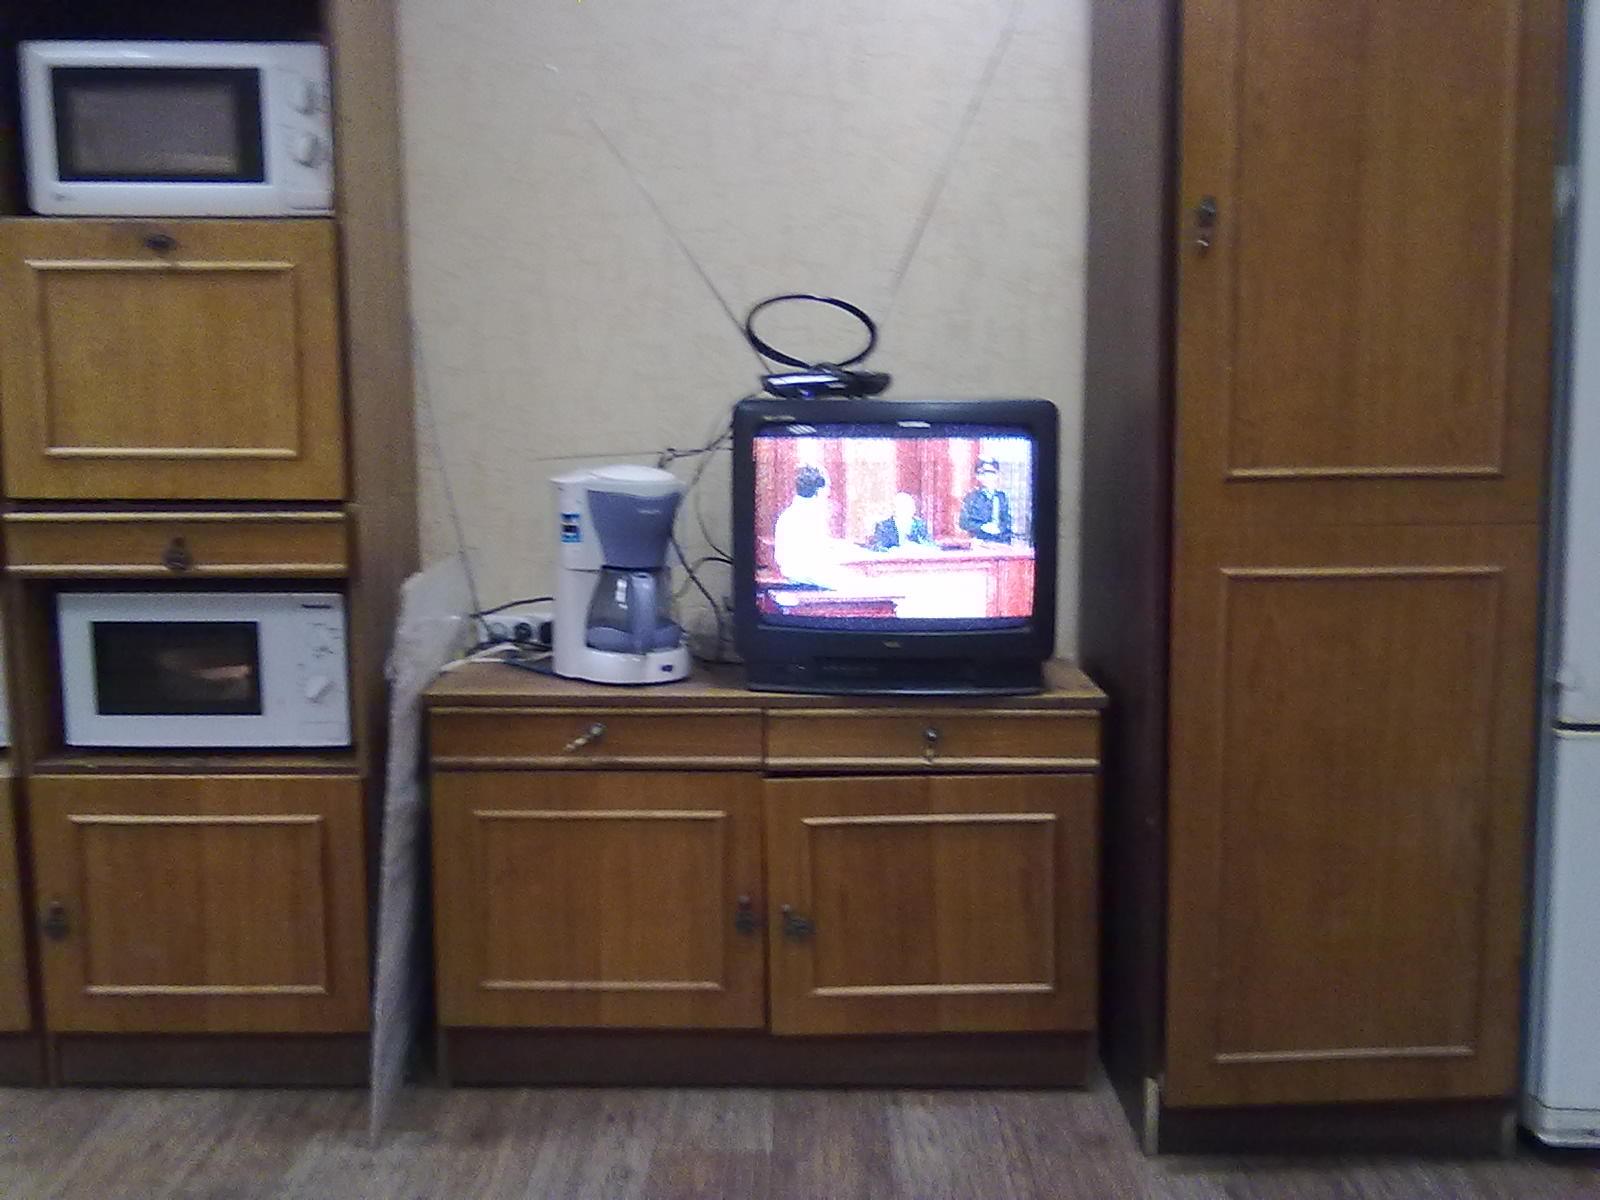 Телевизор. Суд Присяжных